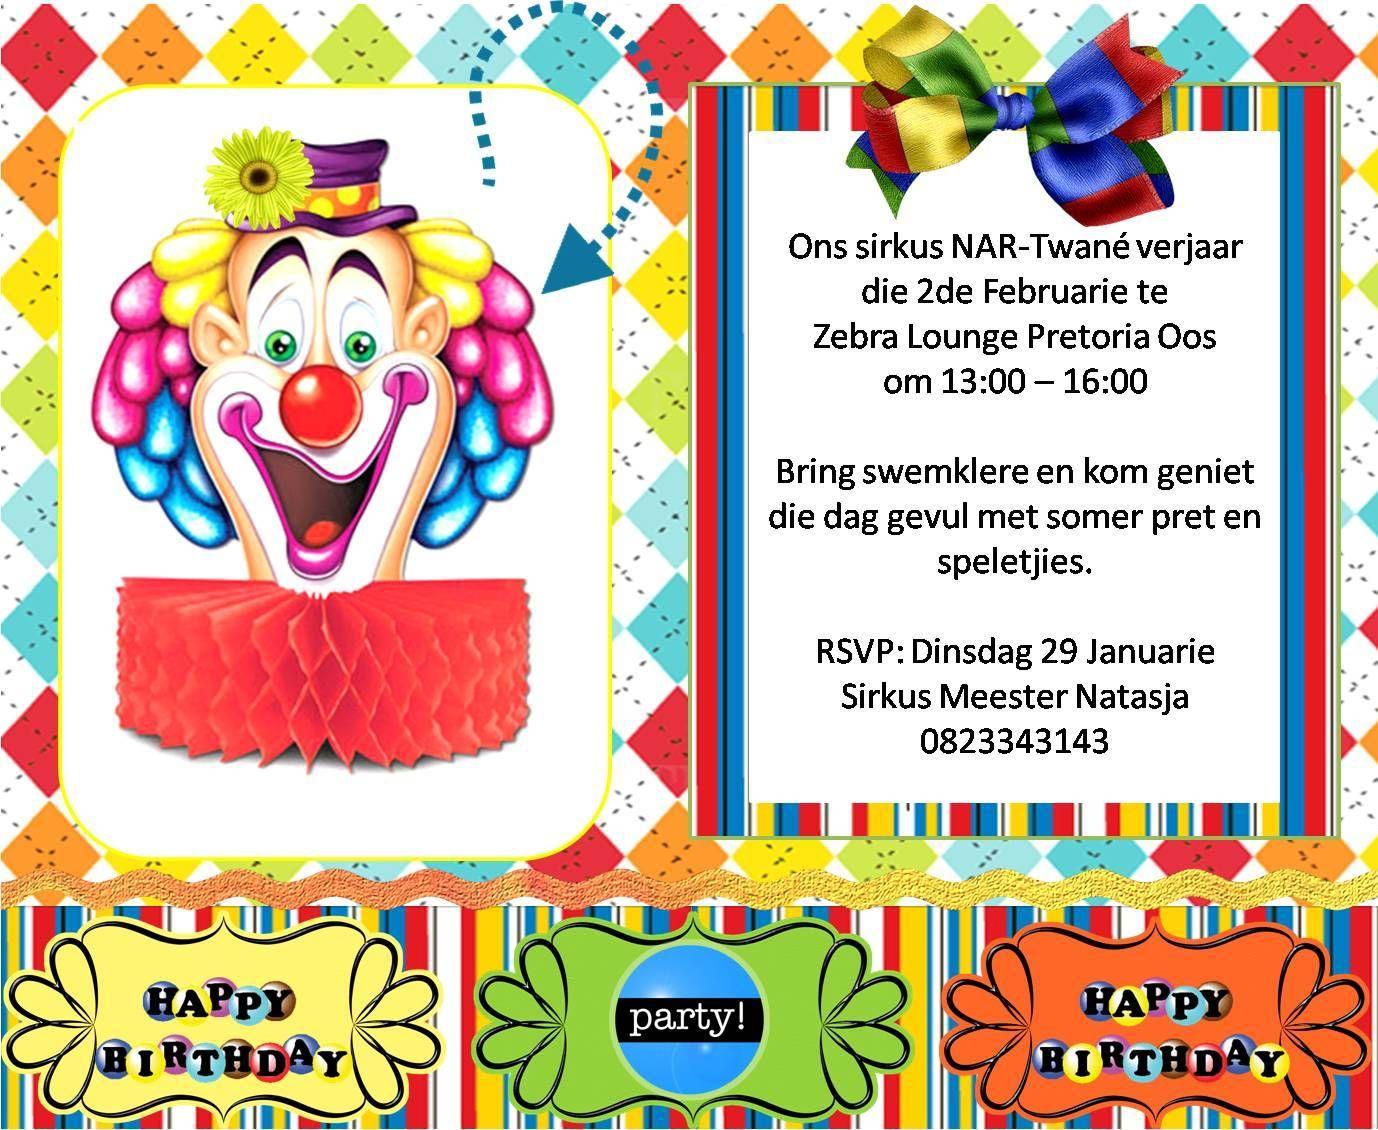 Afrikaanse bewoording vir Sirkus partytjie. Invite idea for Circus